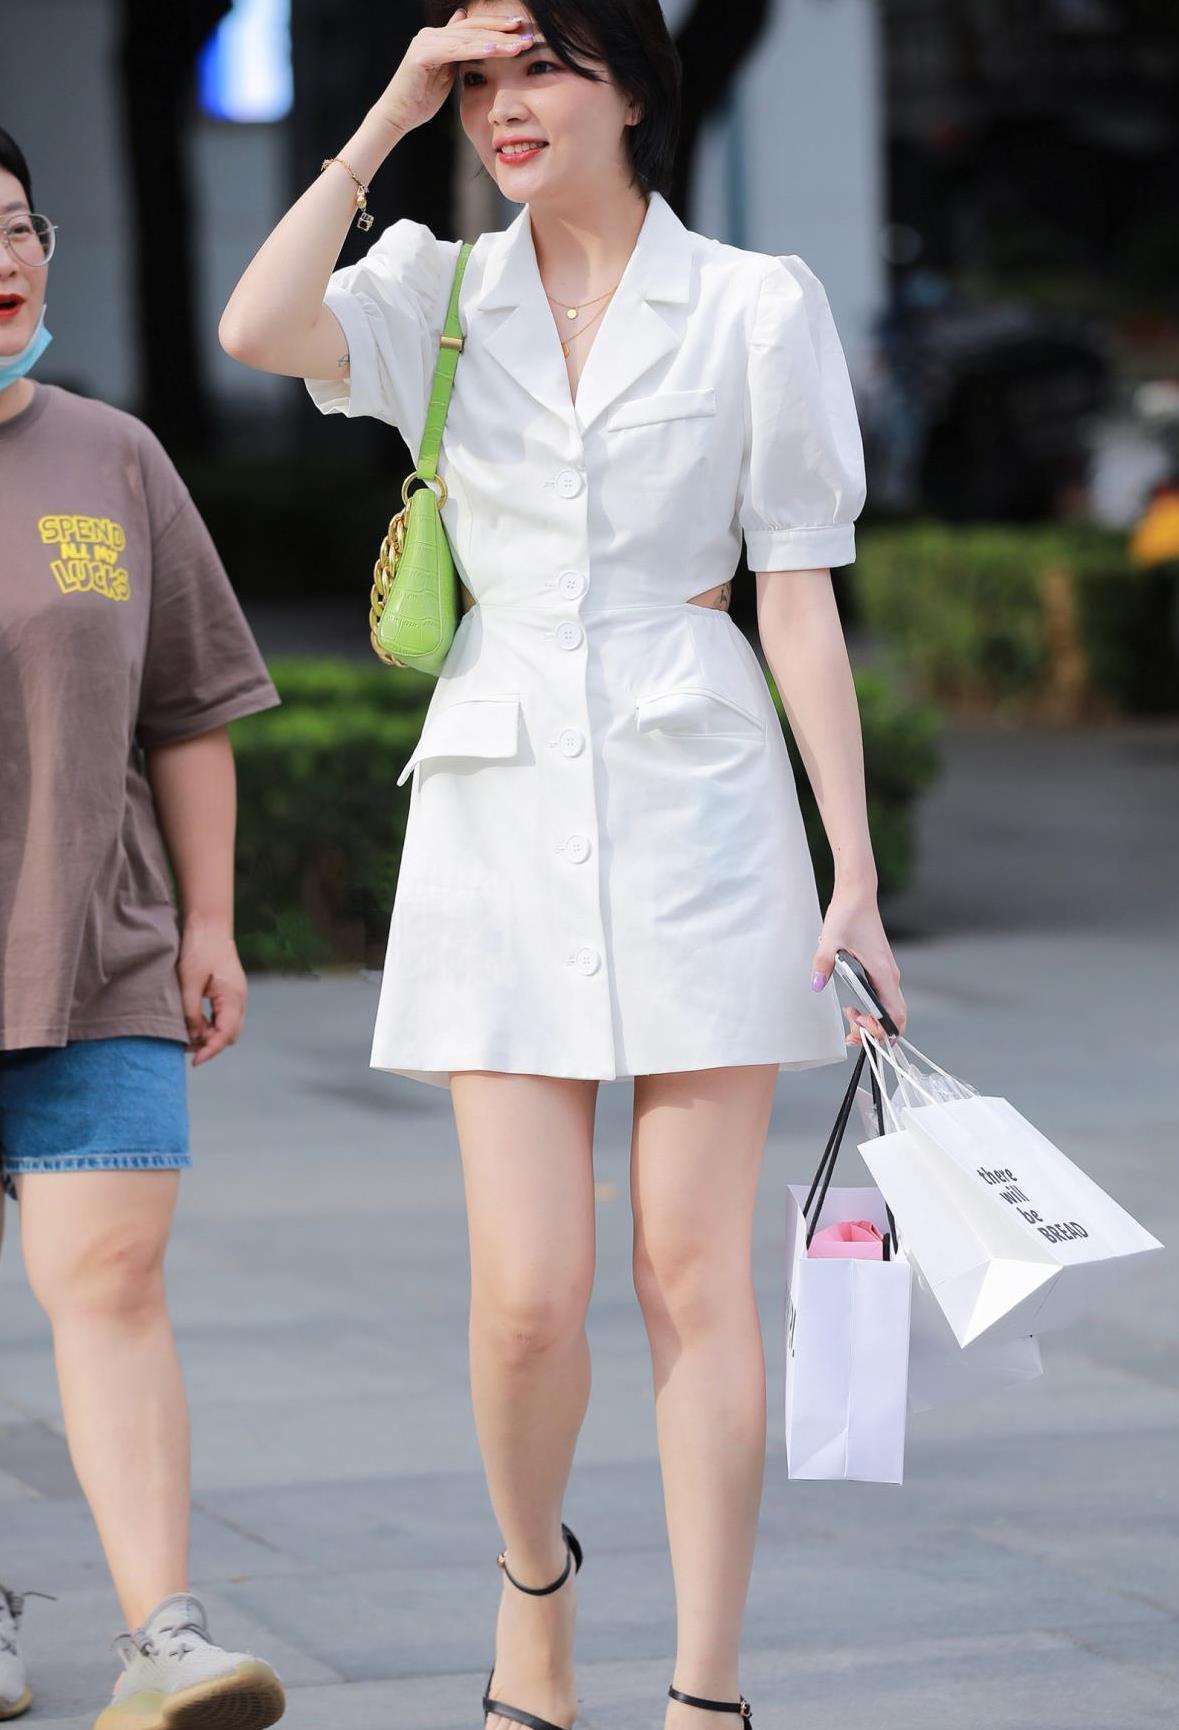 精致干练的短发美女,白色西装裙搭配一字带细跟凉鞋,显成熟大气